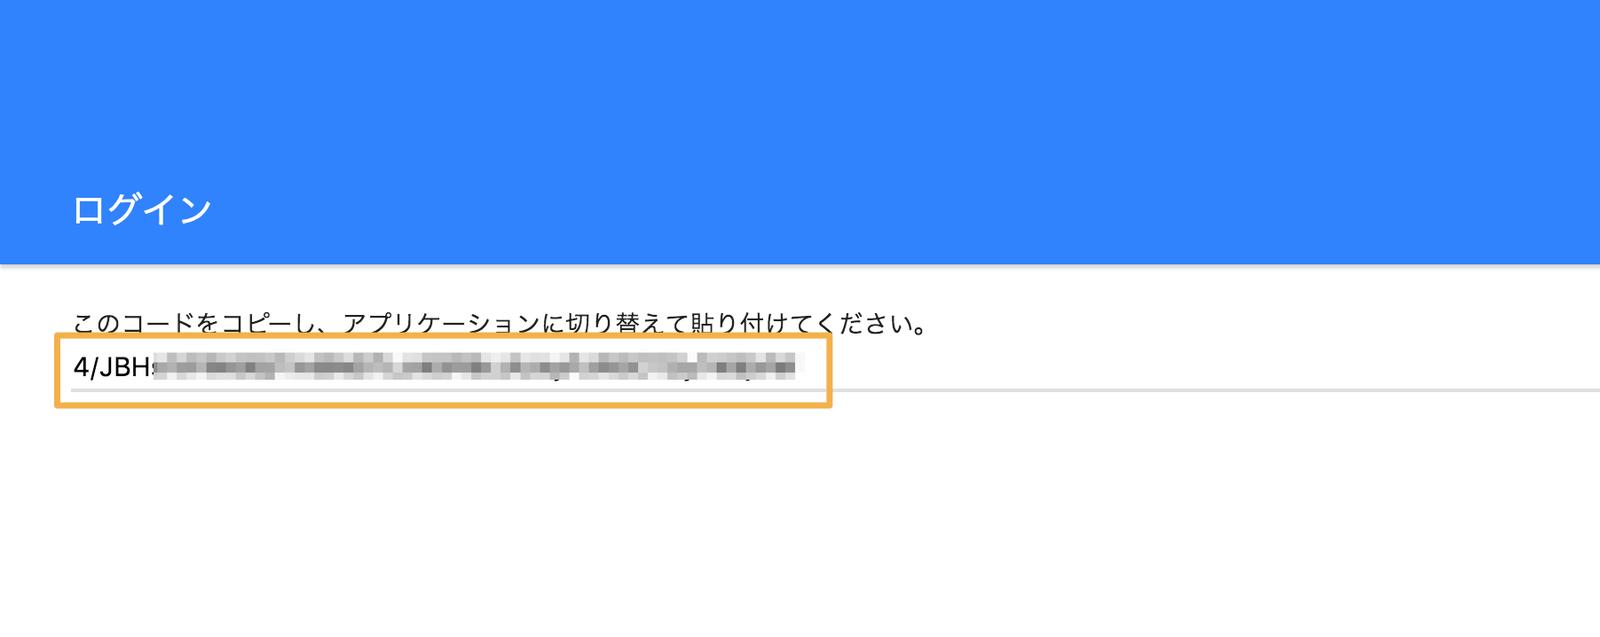 認証コードを取得、Gmailアカウントのすぐ下に入力